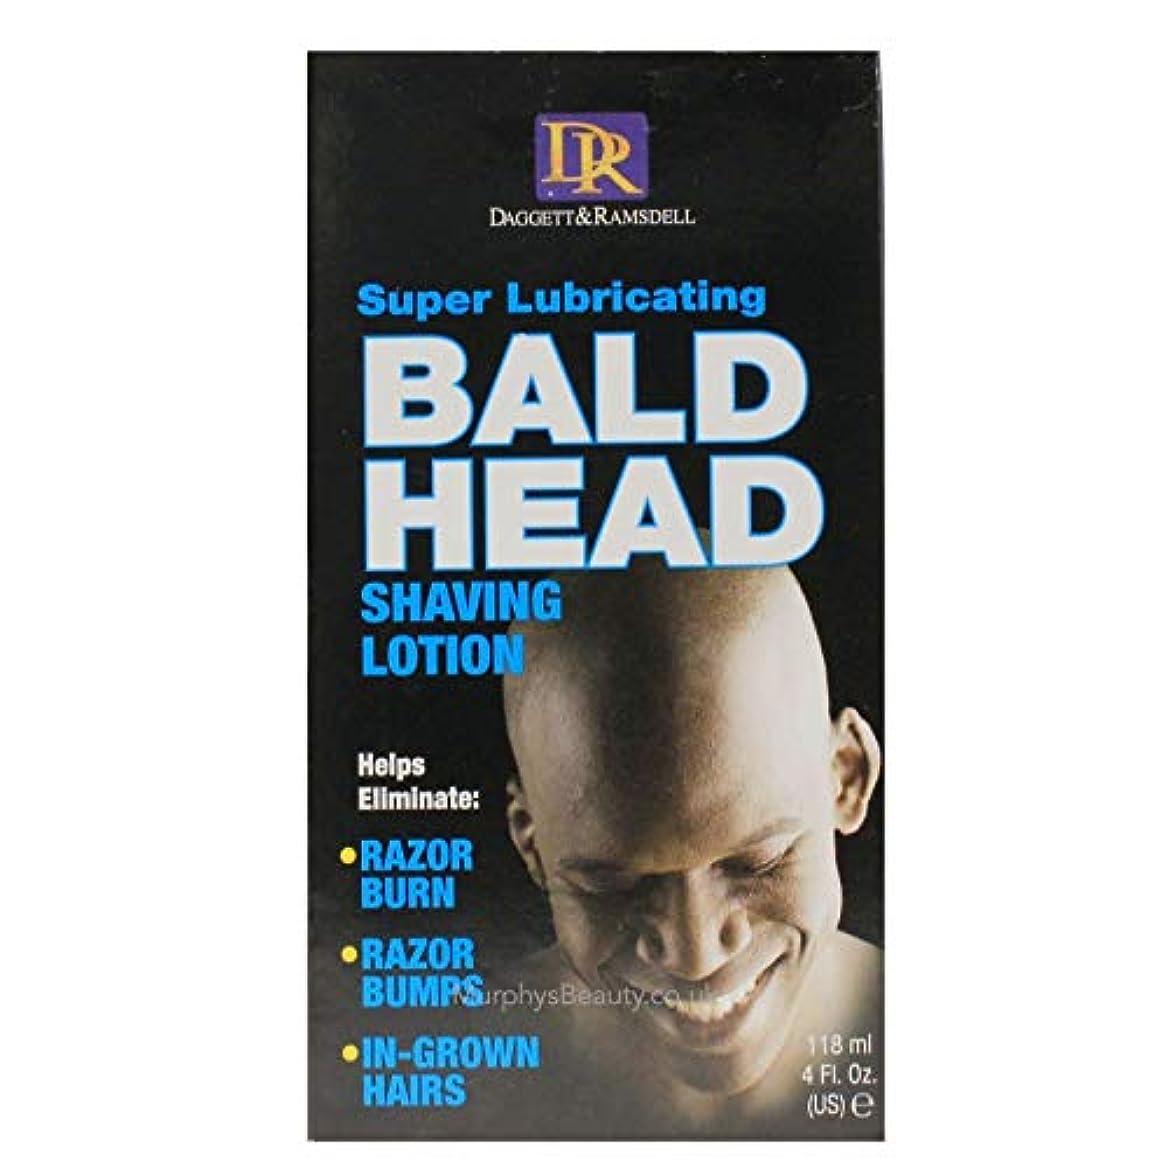 何かグラフ洗うDaggett & Ramsdell Super Lubricating Bald Head Shaving Lotion Hair Removal Products (並行輸入品)